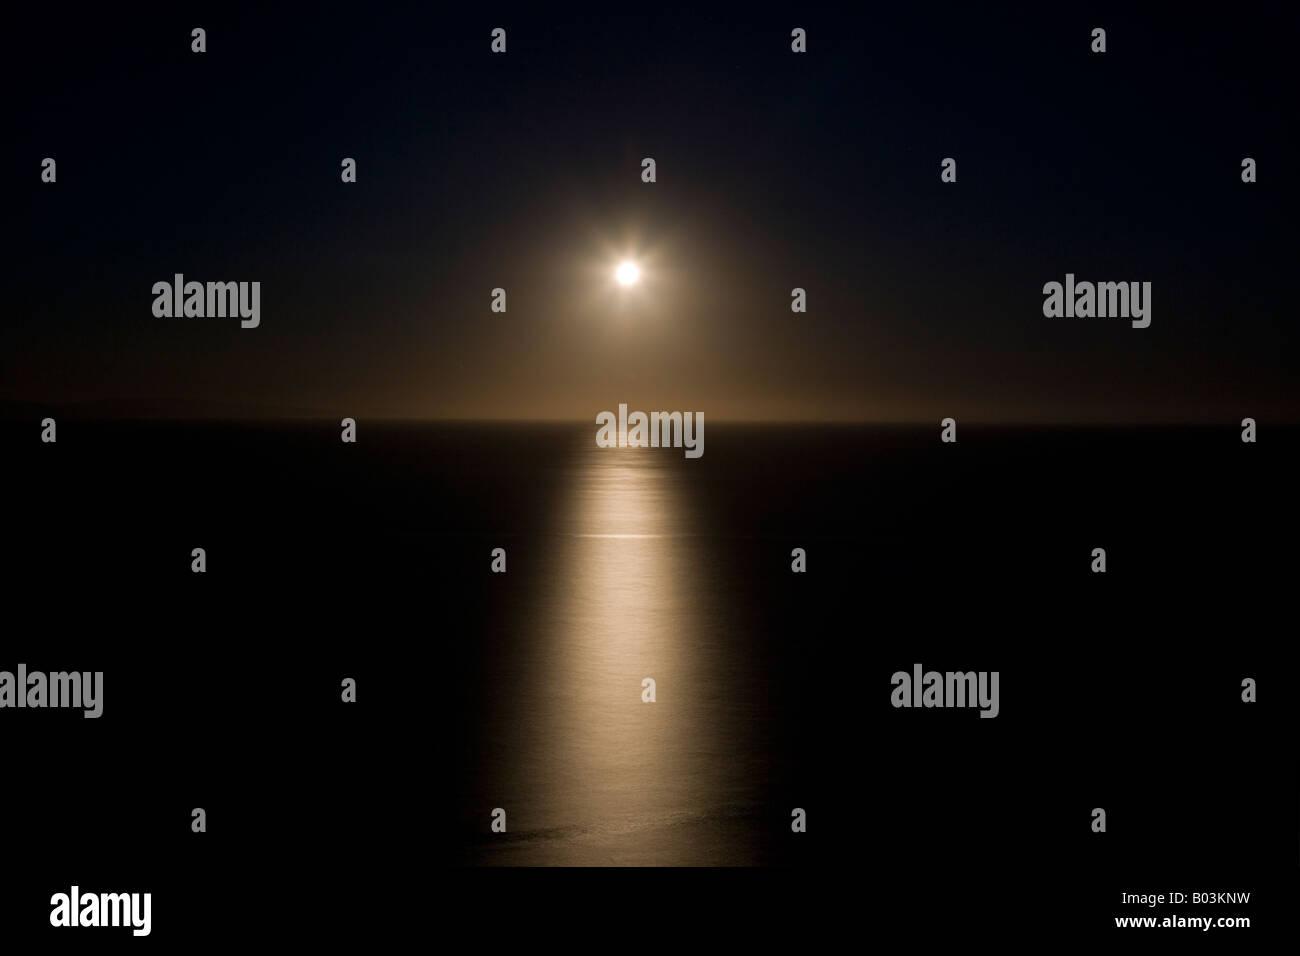 Pulire Calma E Immagine Ispiratrice Del Sorgere Della Luna Sul Mare